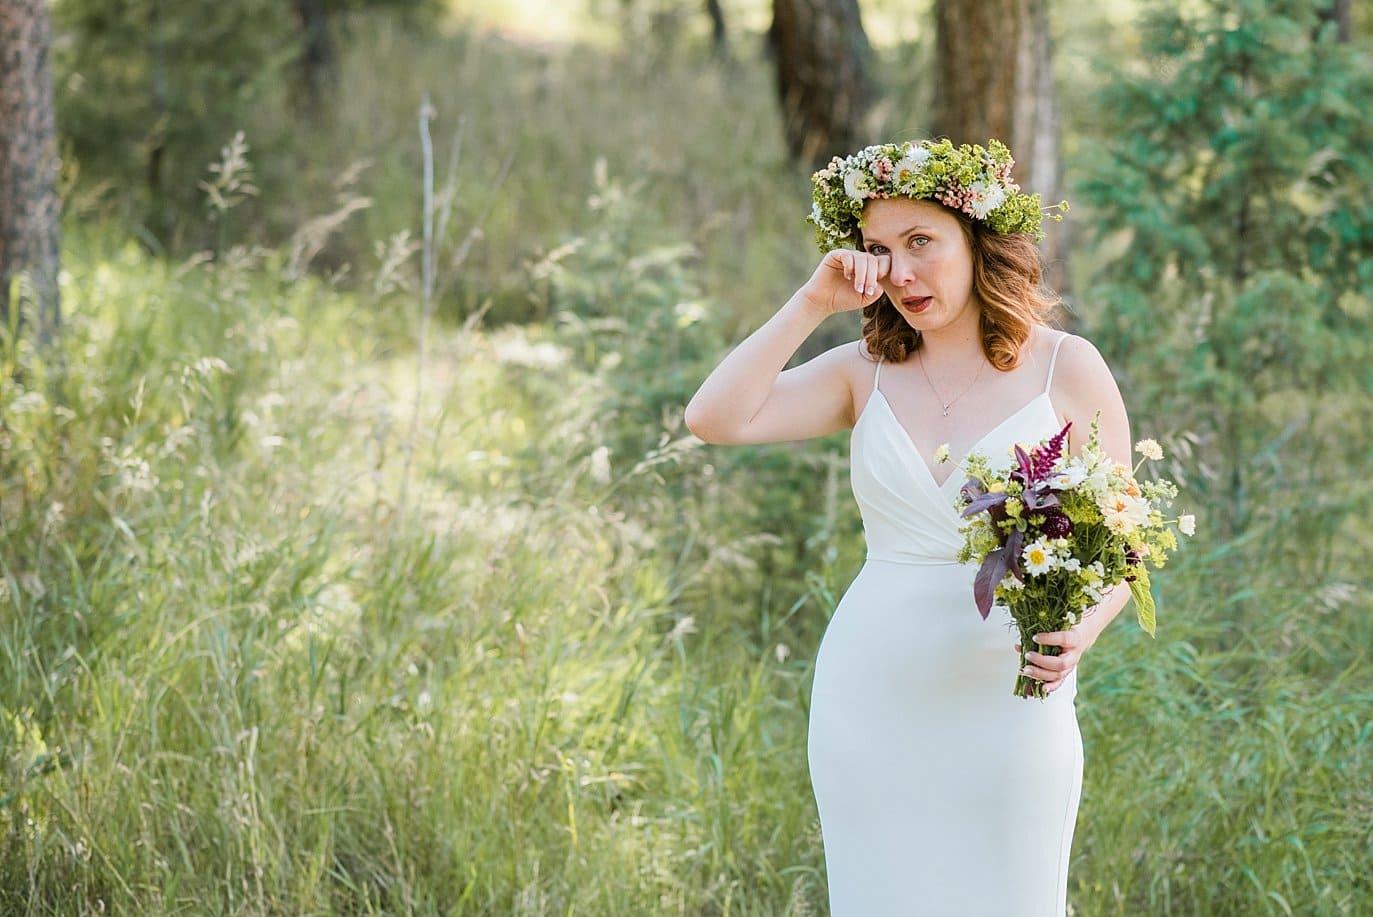 emotional bride in BHLDN wedding dress photo